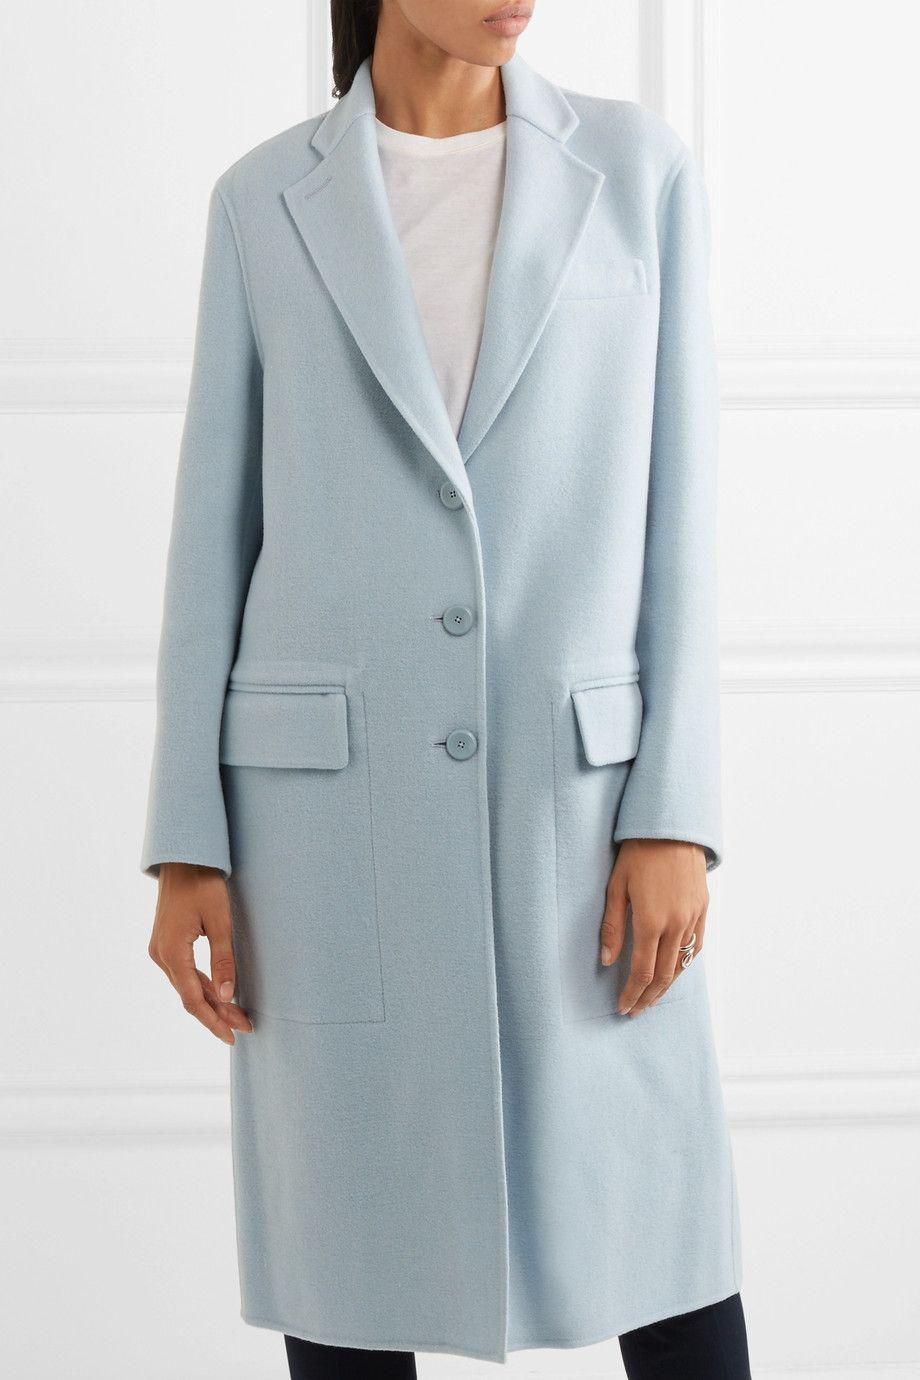 Joseph | Simo wool and cashmere-blend coat | NET-A-PORTER.COM